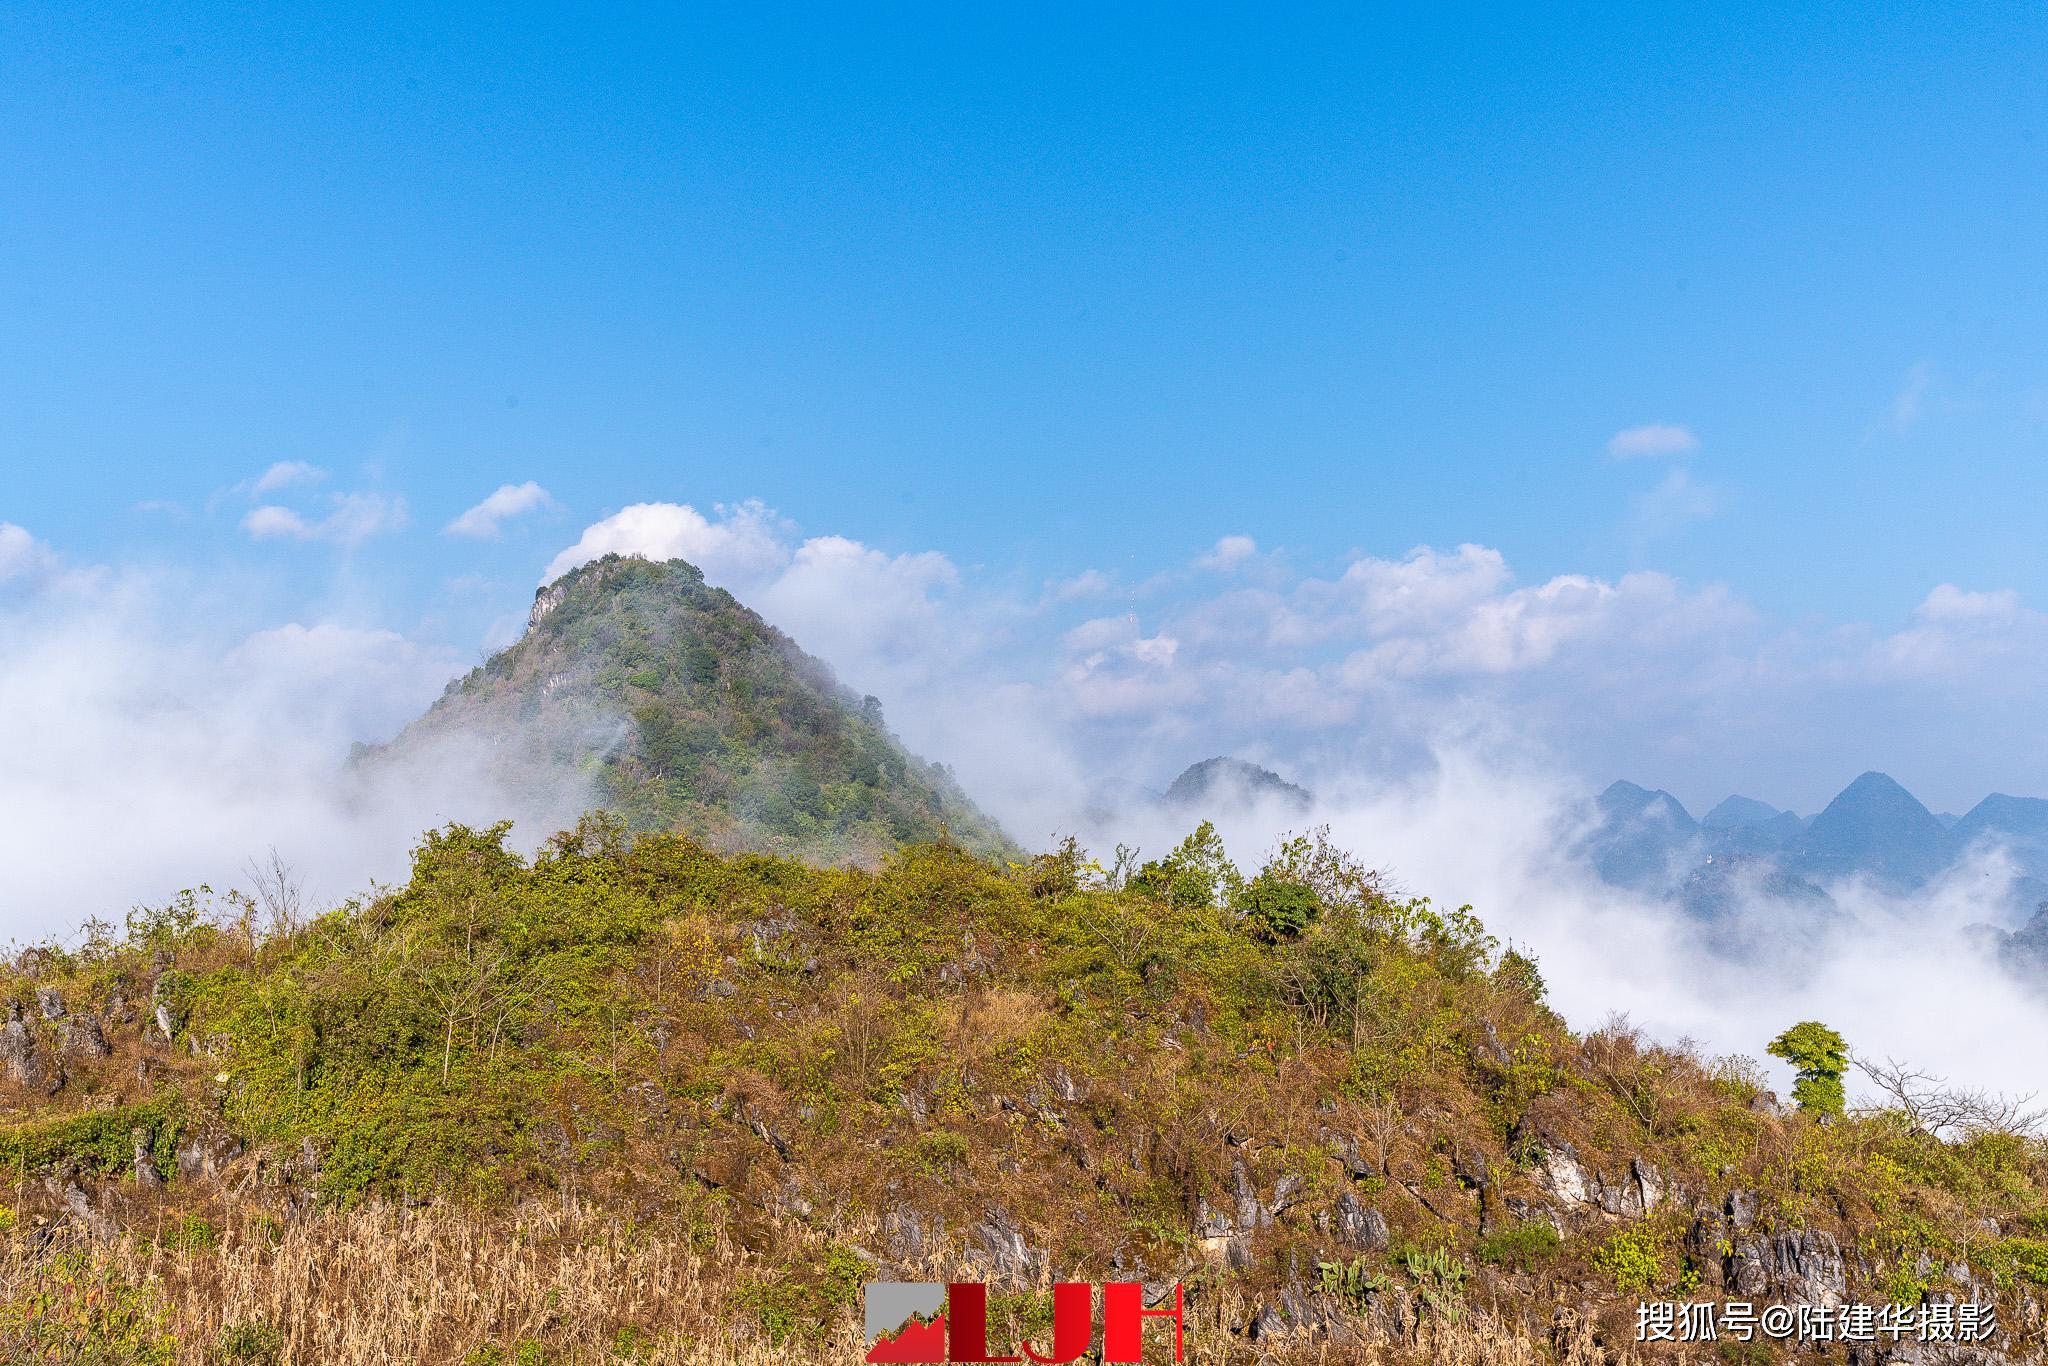 登兴义玉皇顶赏云海,居然不识万峰林的真面目